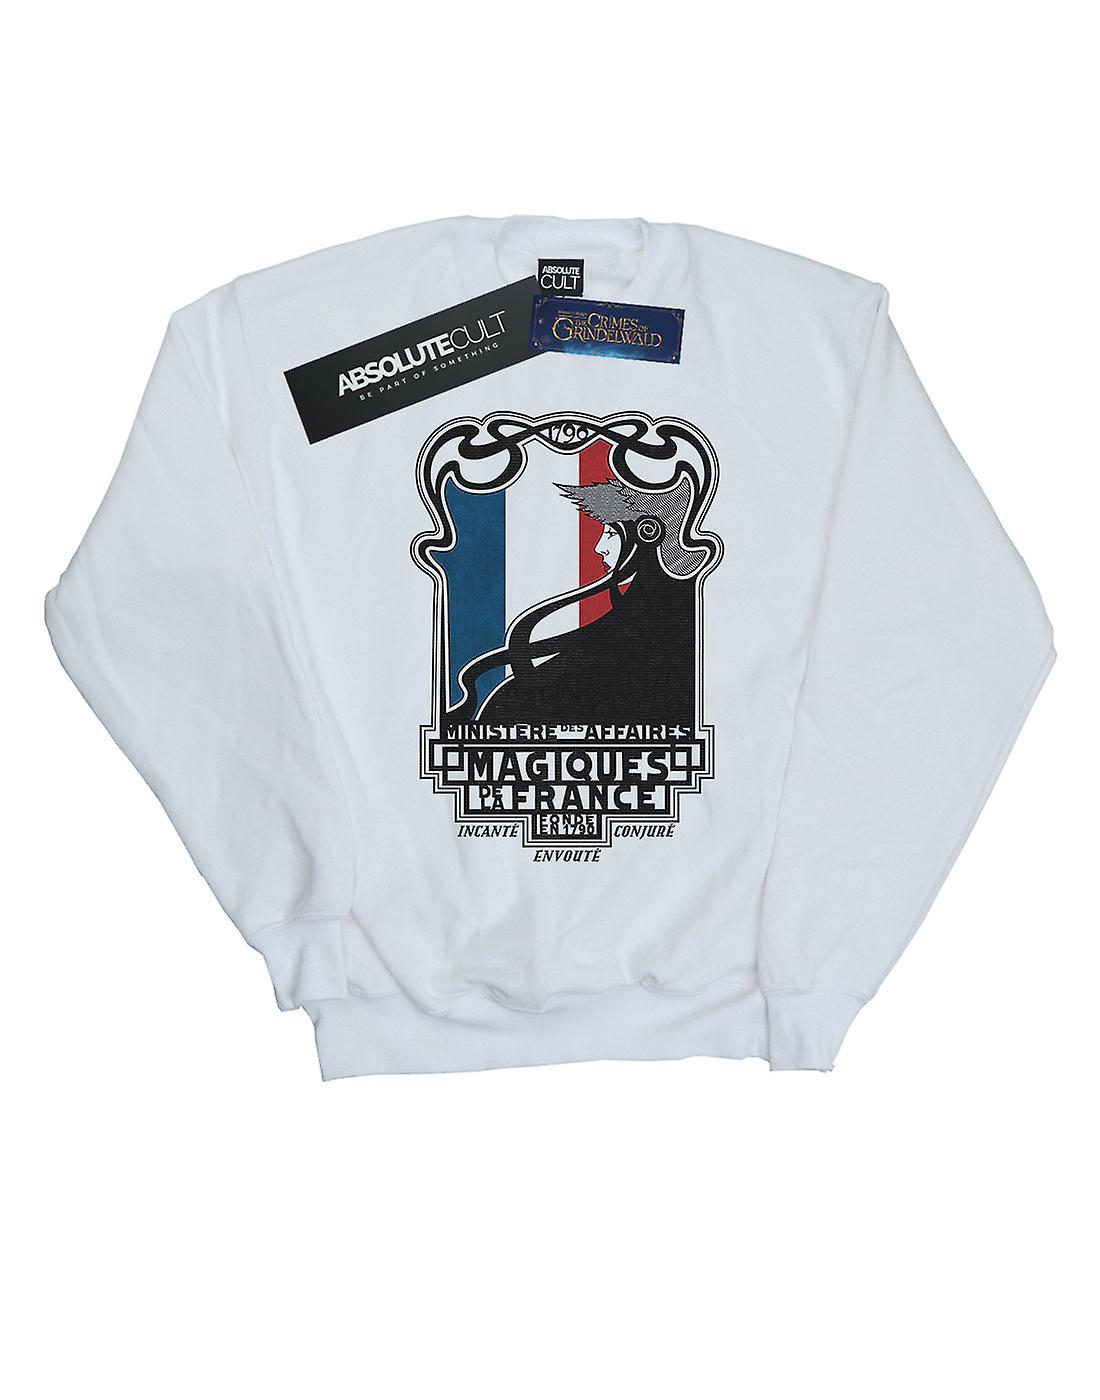 Fantastic Beasts Boys Magiques De La France Sweatshirt